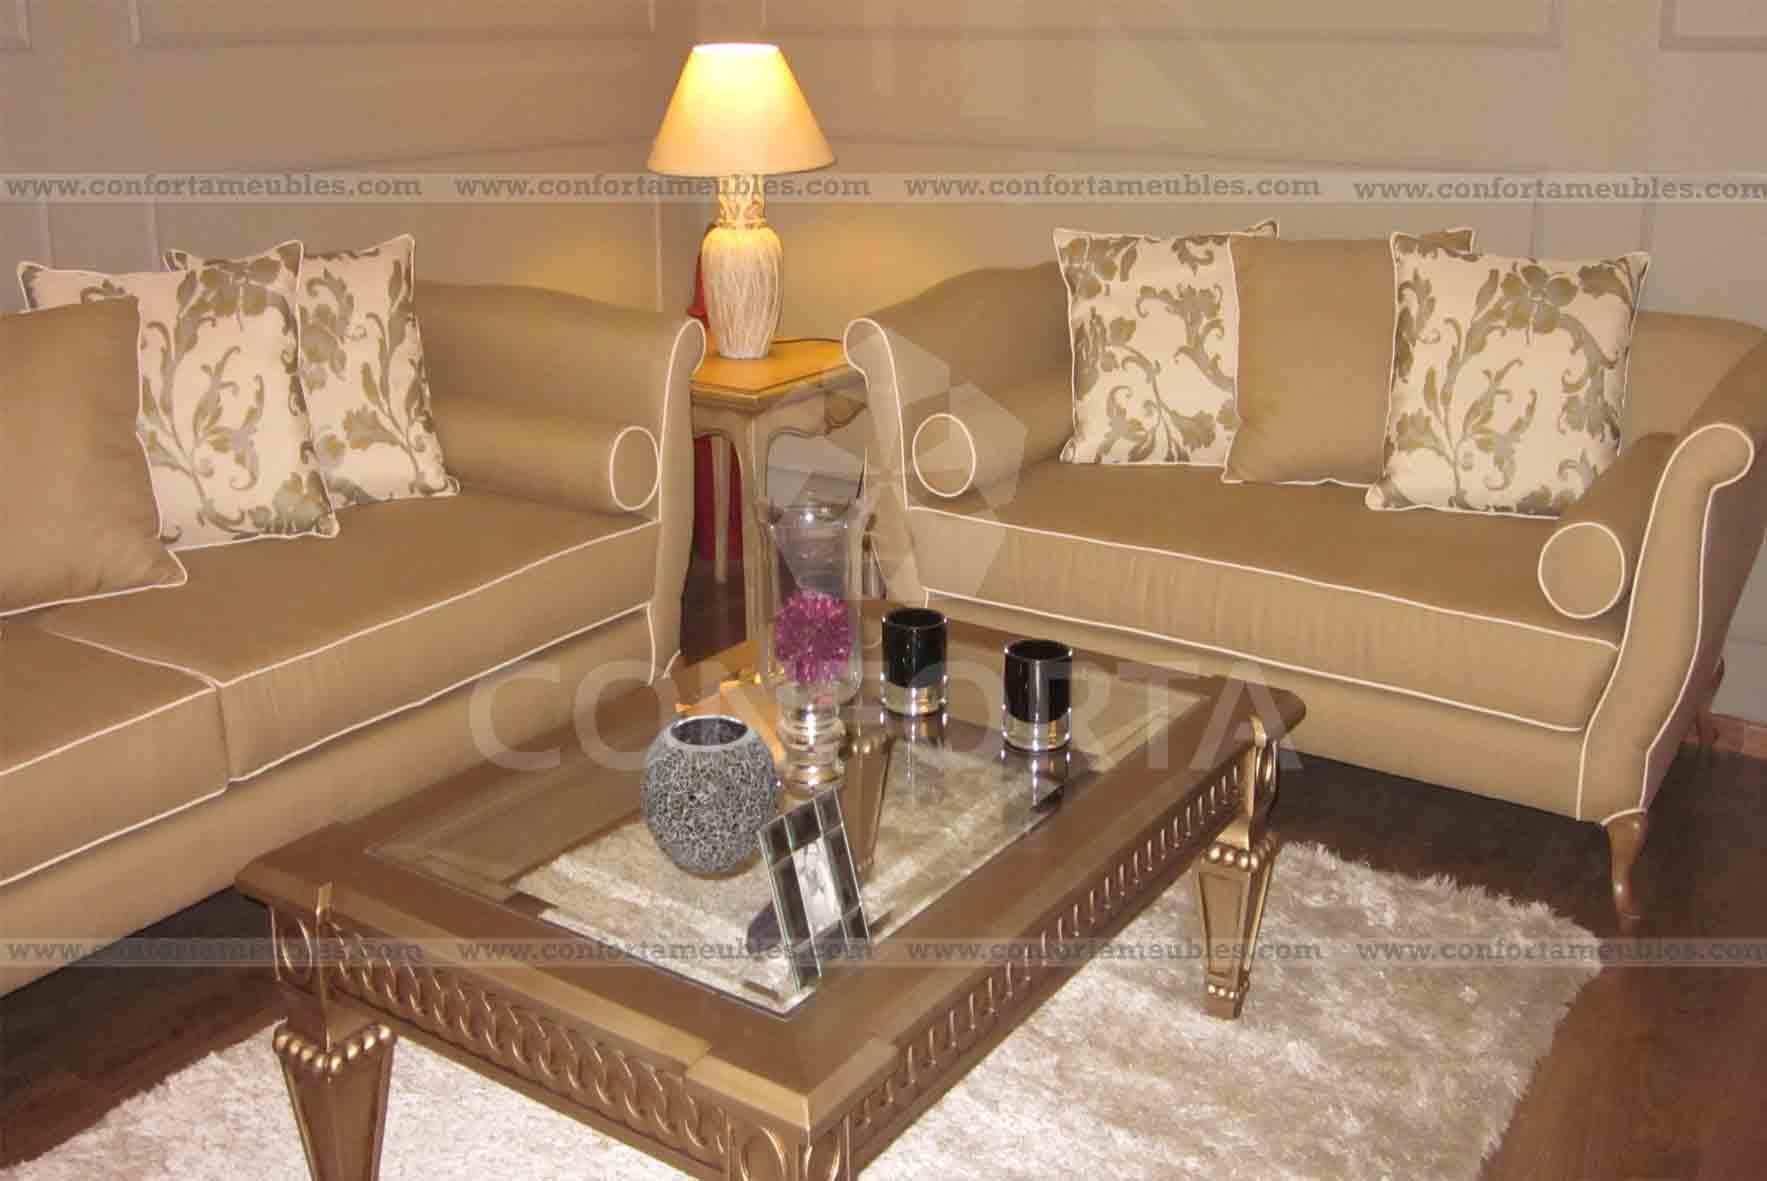 Fauteuils tunisie meubles et d coration tunisie - Vente en ligne de meubles ...